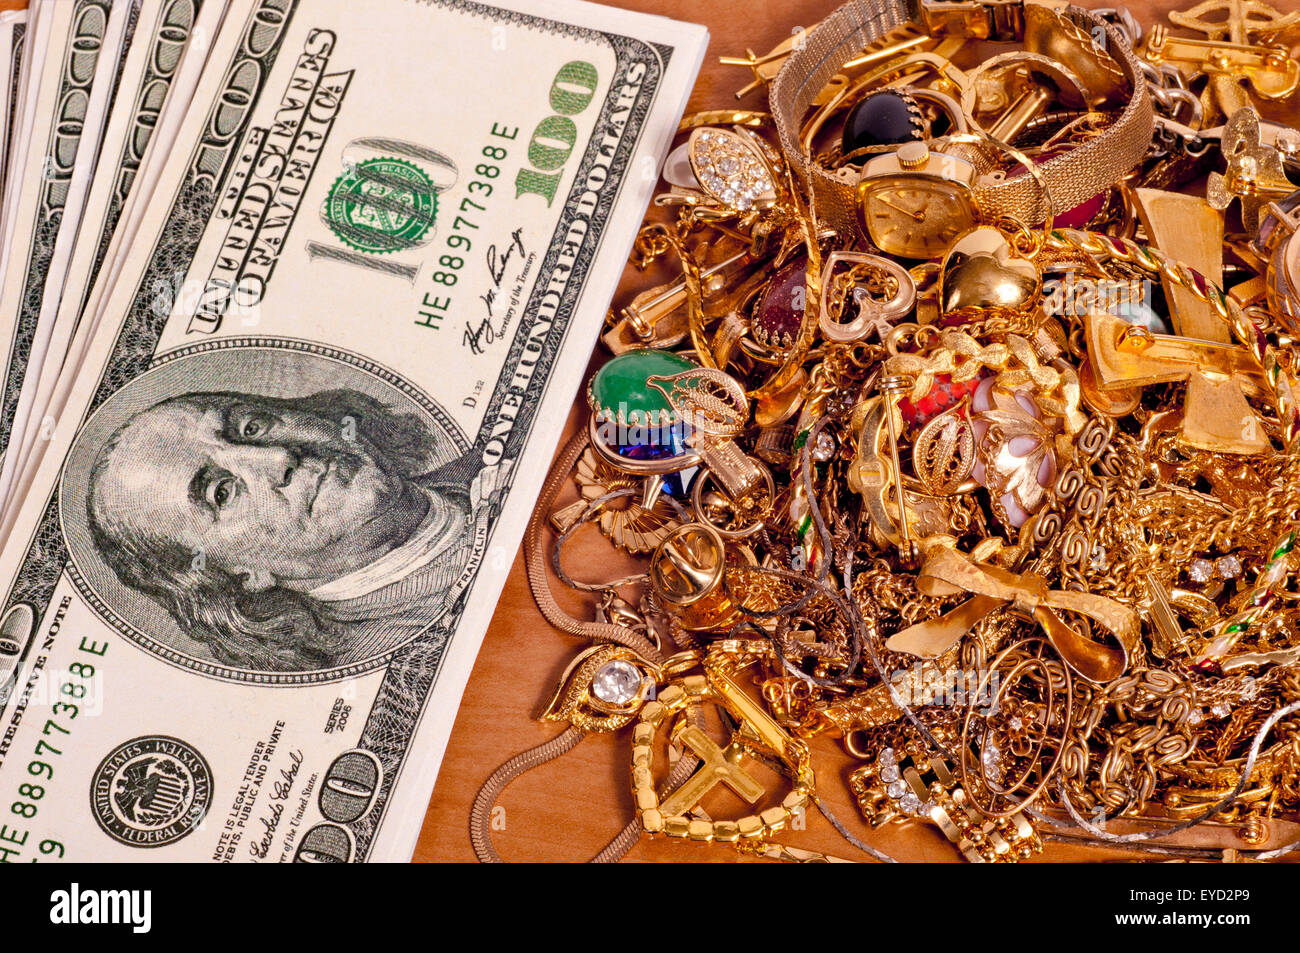 Ganar dinero vendiendo su oro no deseados y piezas de joyería. Imagen De Stock